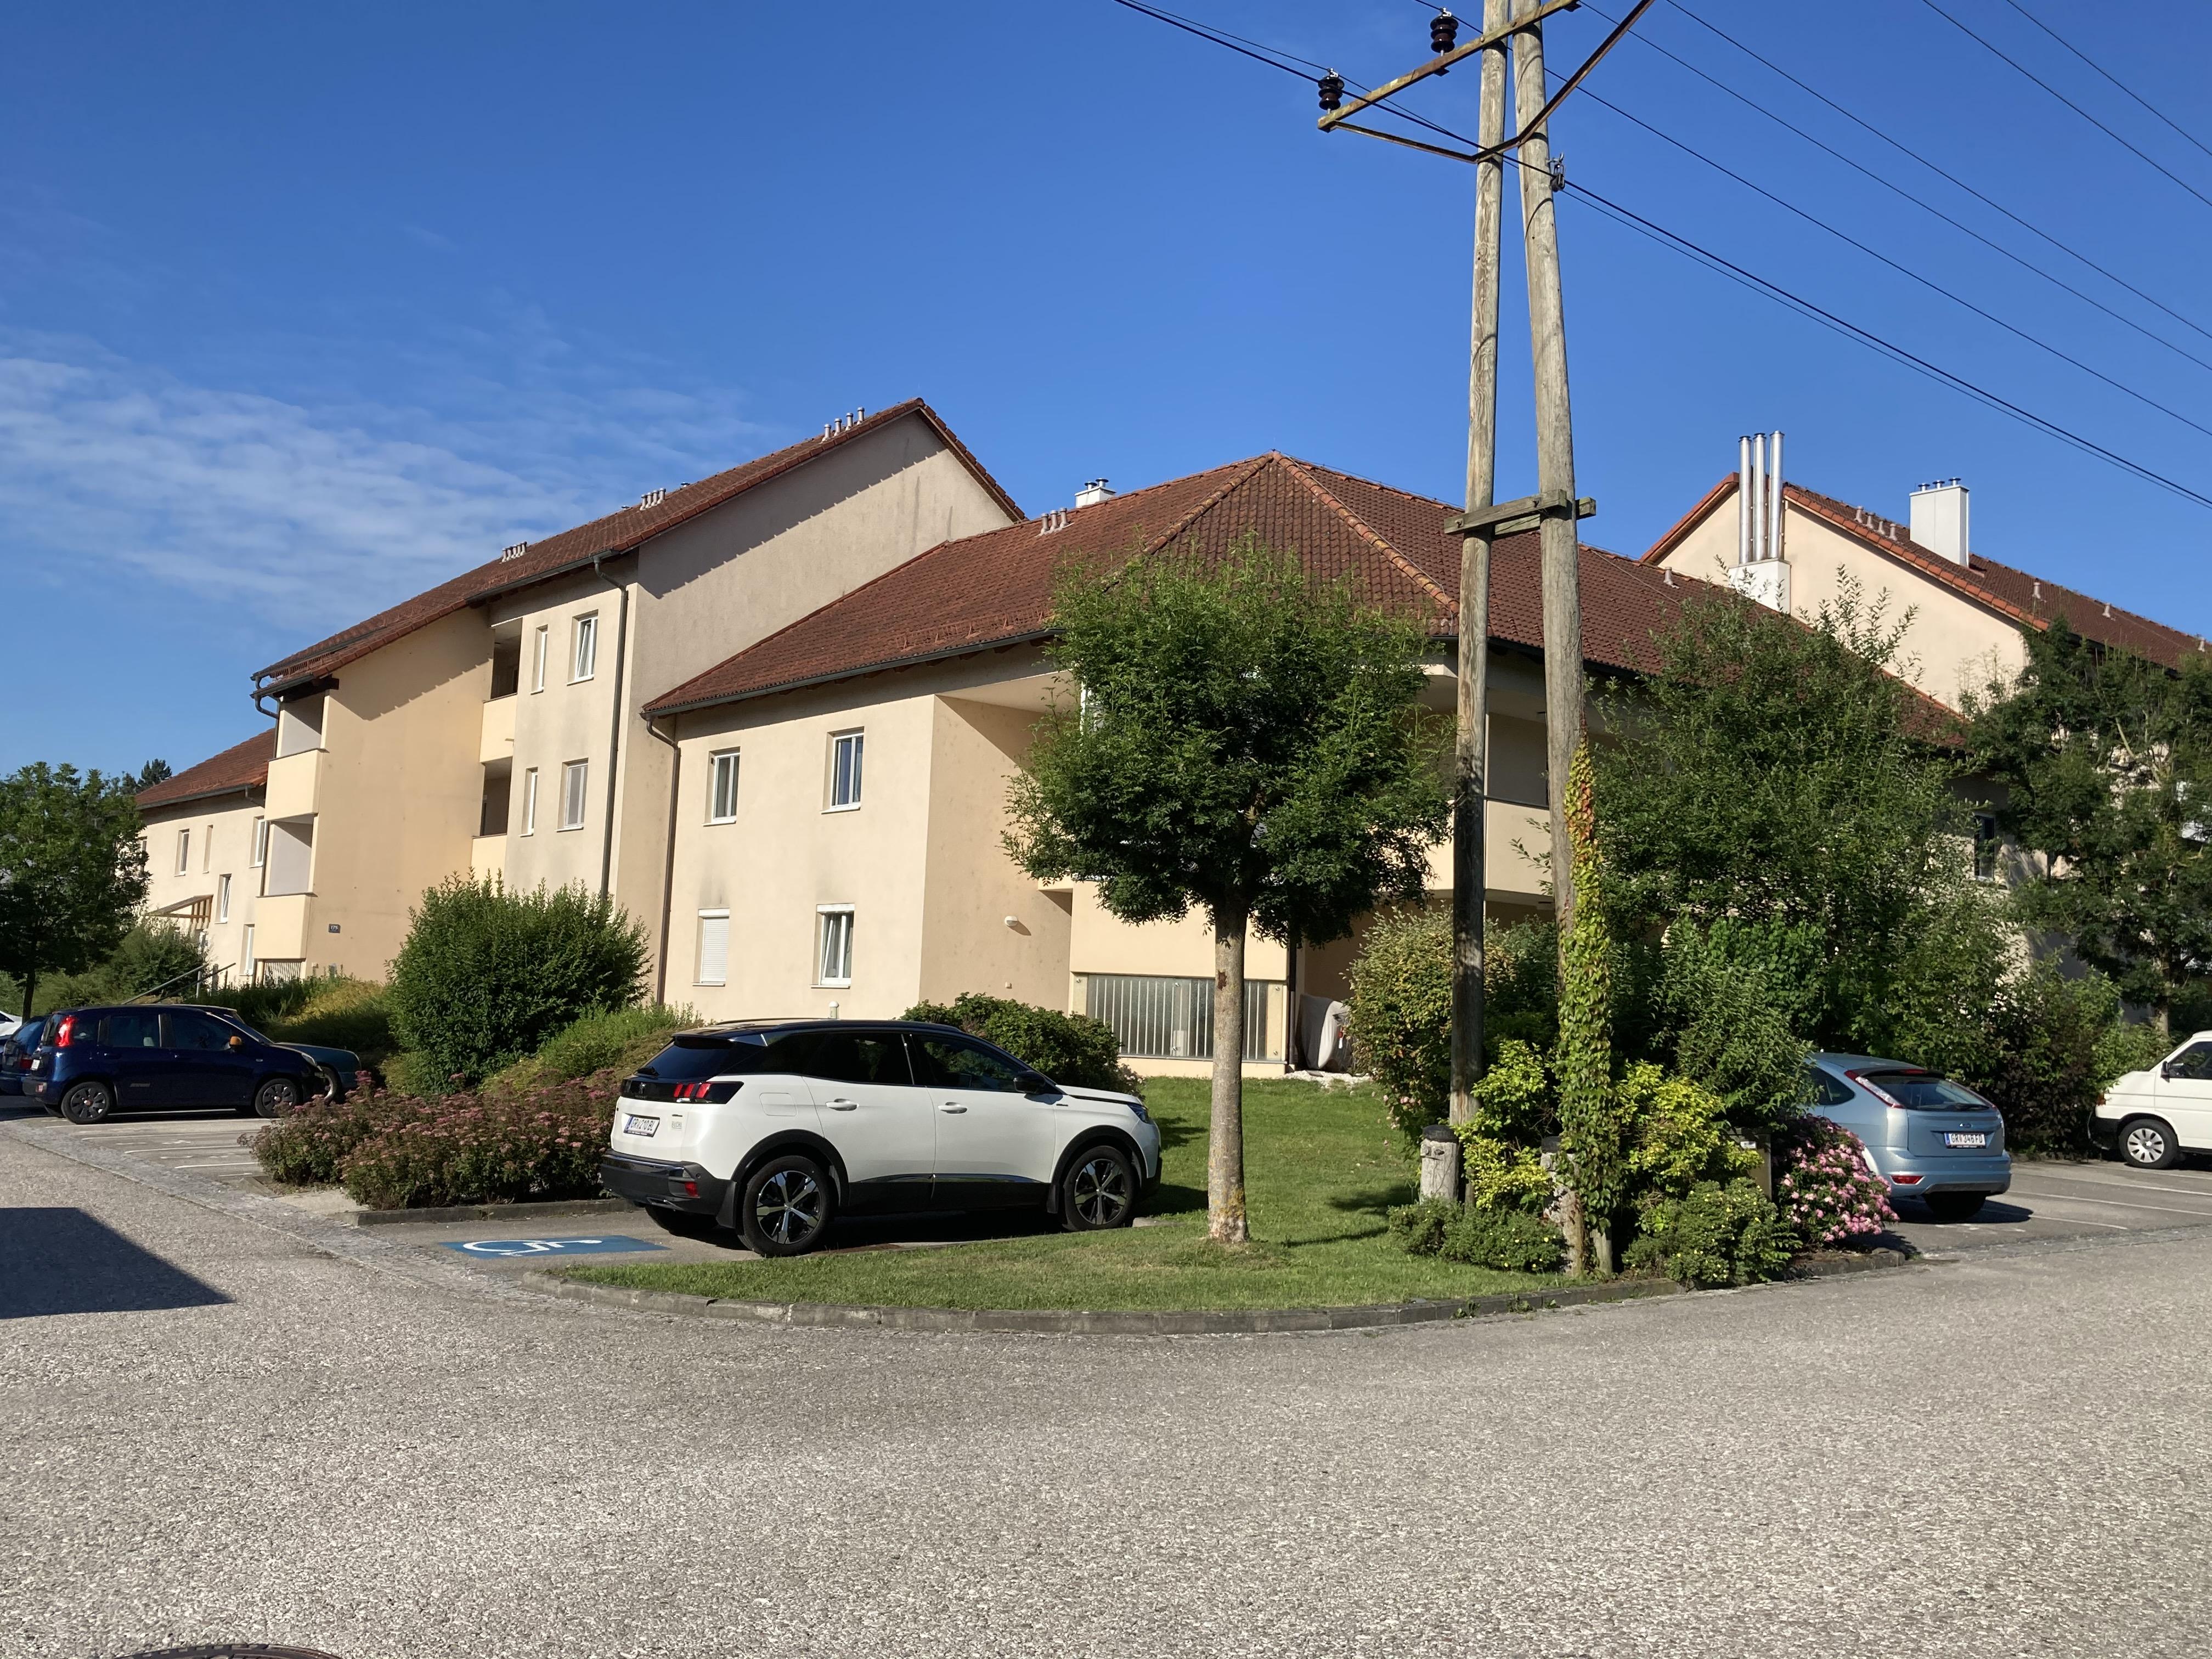 Immobilie von LAWOG in Tolleterau 174/2, 4710 St. Georgen bei Grieskirchen #0